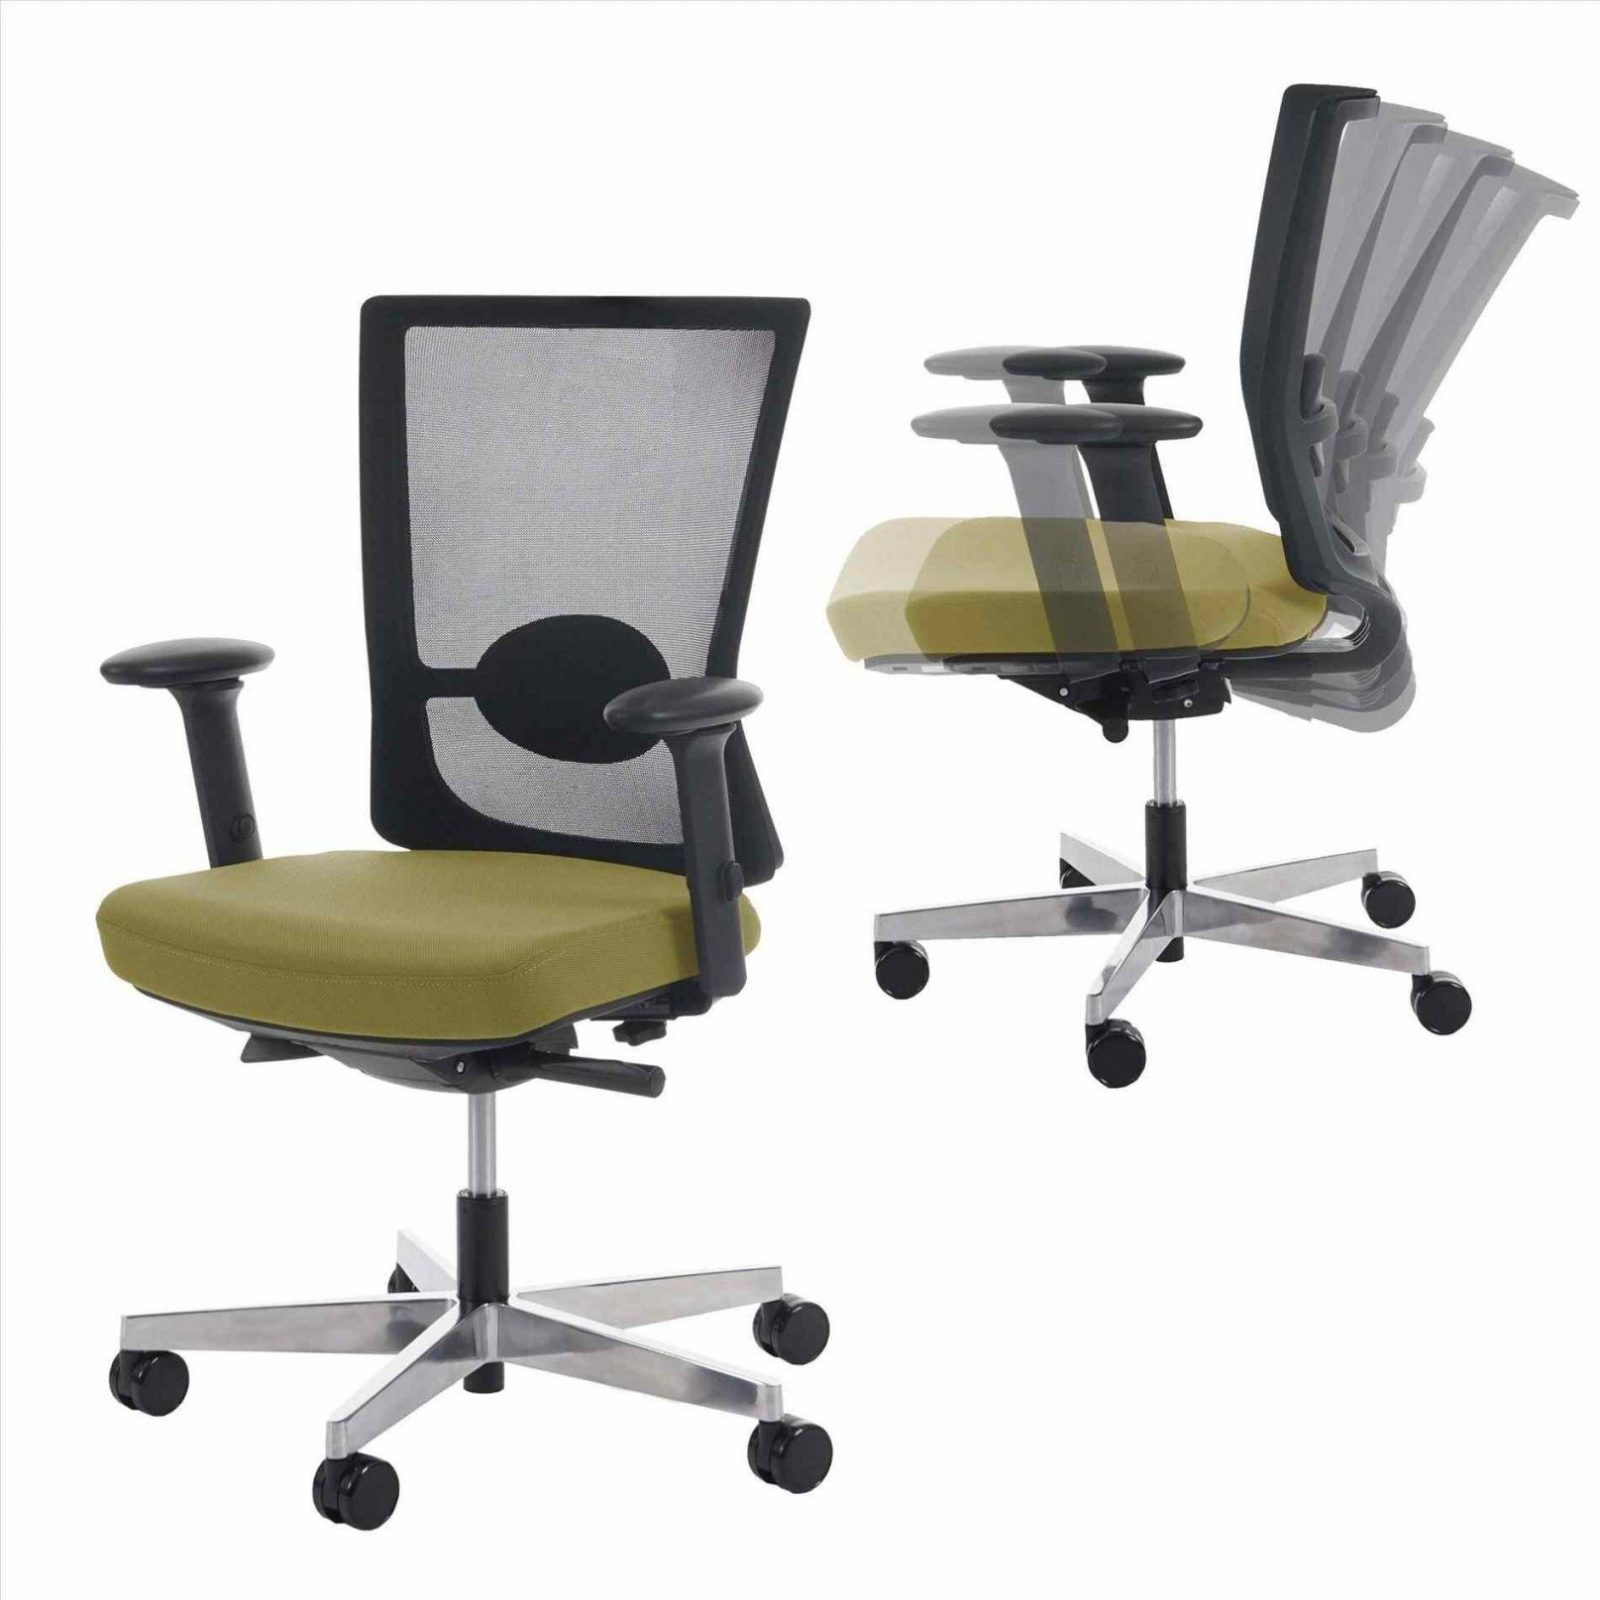 Stuhl  Schreibtischstuhl Tuerkis Schreibtischstuhl Weiãÿ Ohne von Schreibtischstuhl Ohne Rollen Ikea Bild